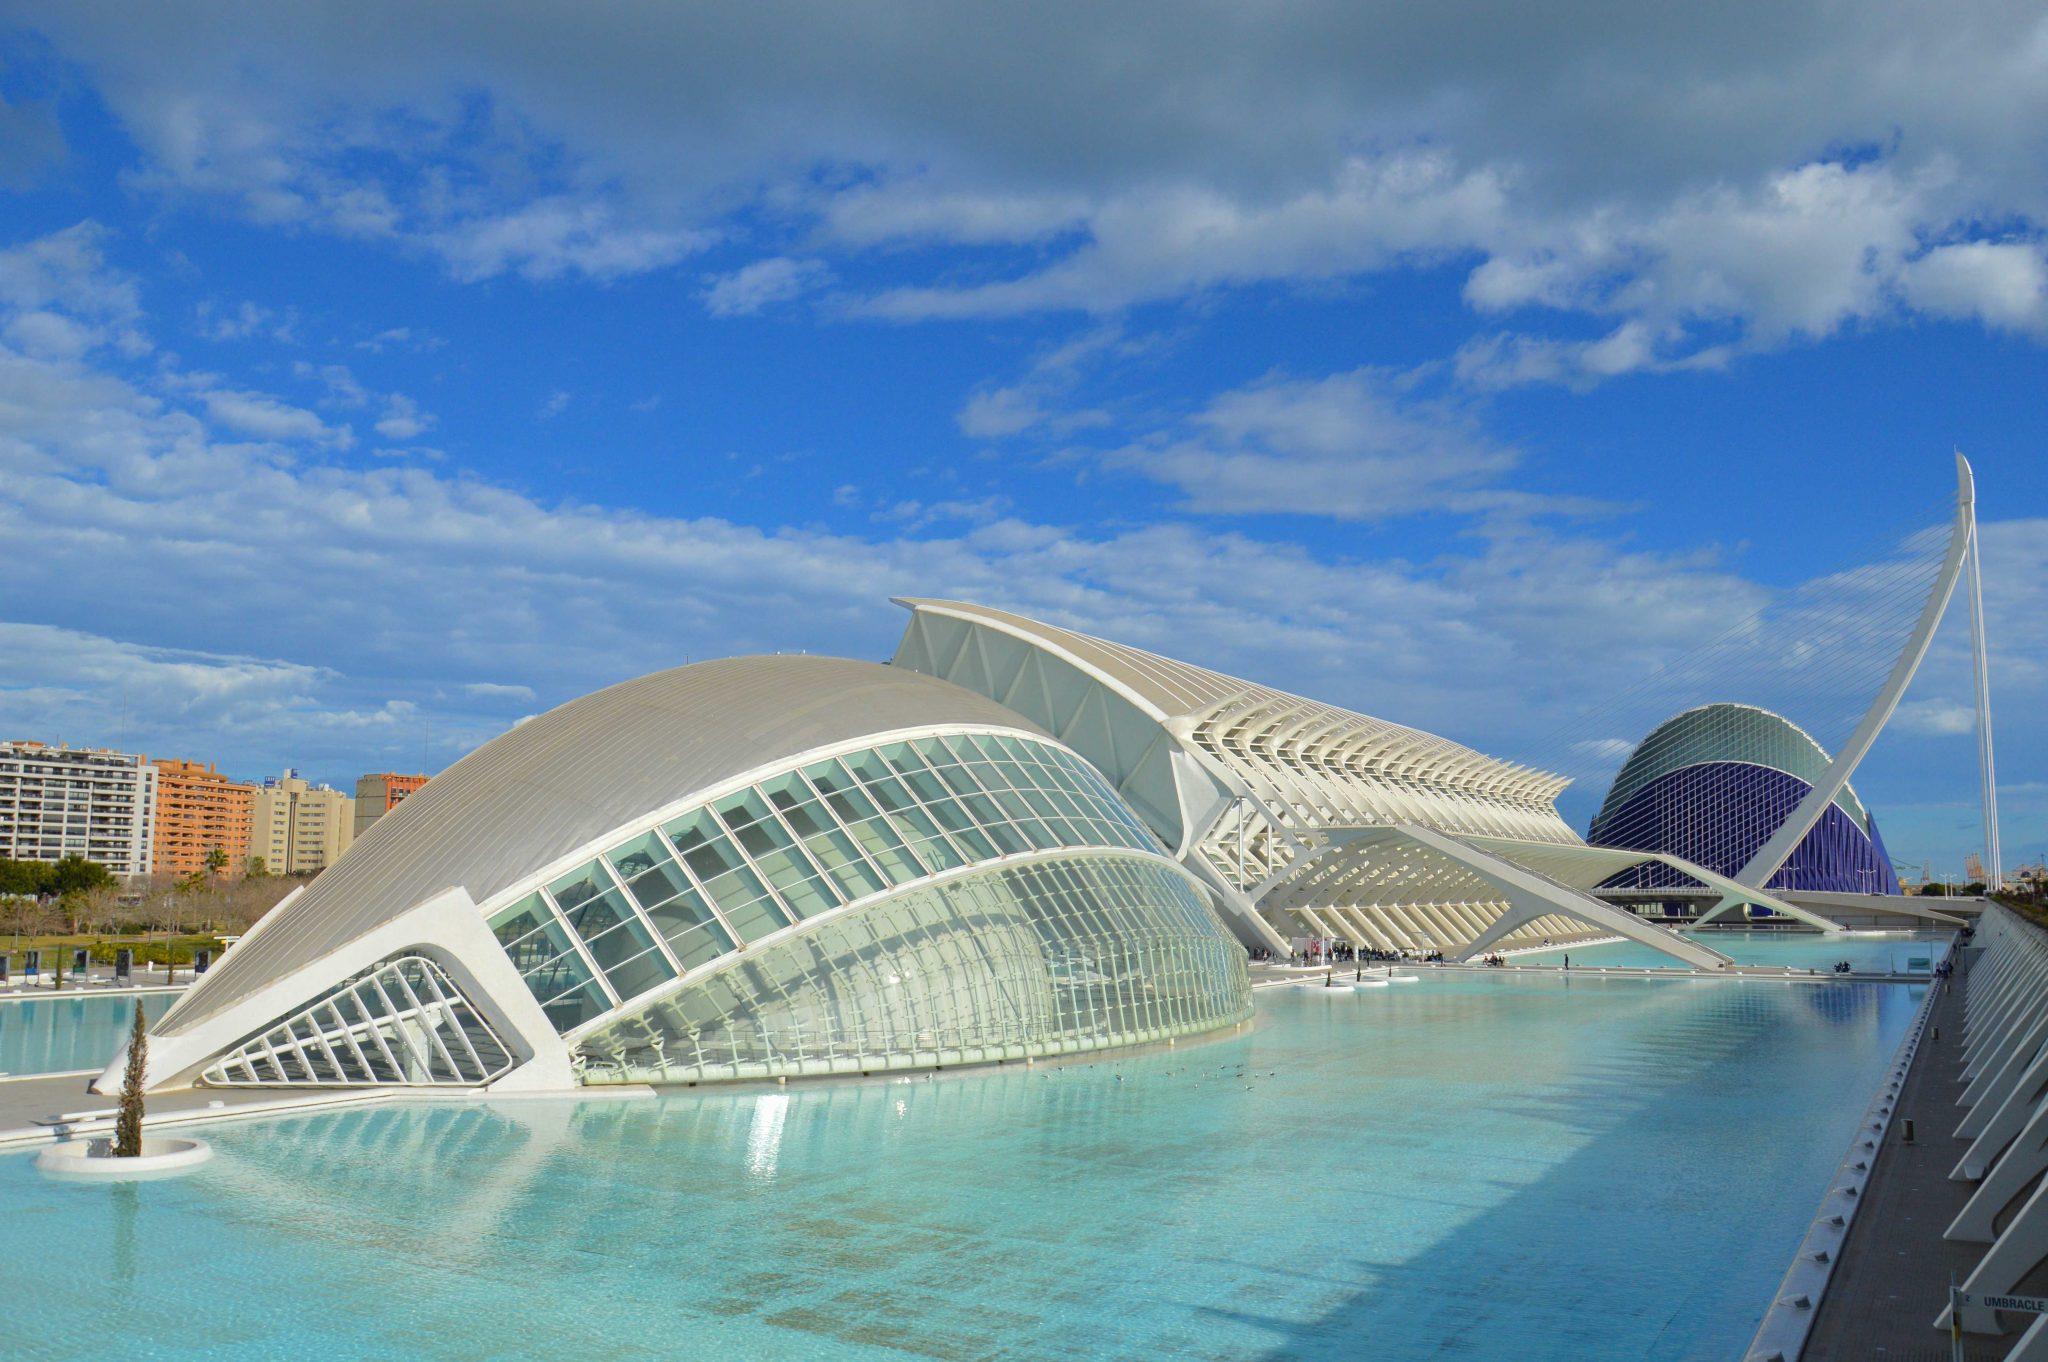 Valencia by Irene Grassi